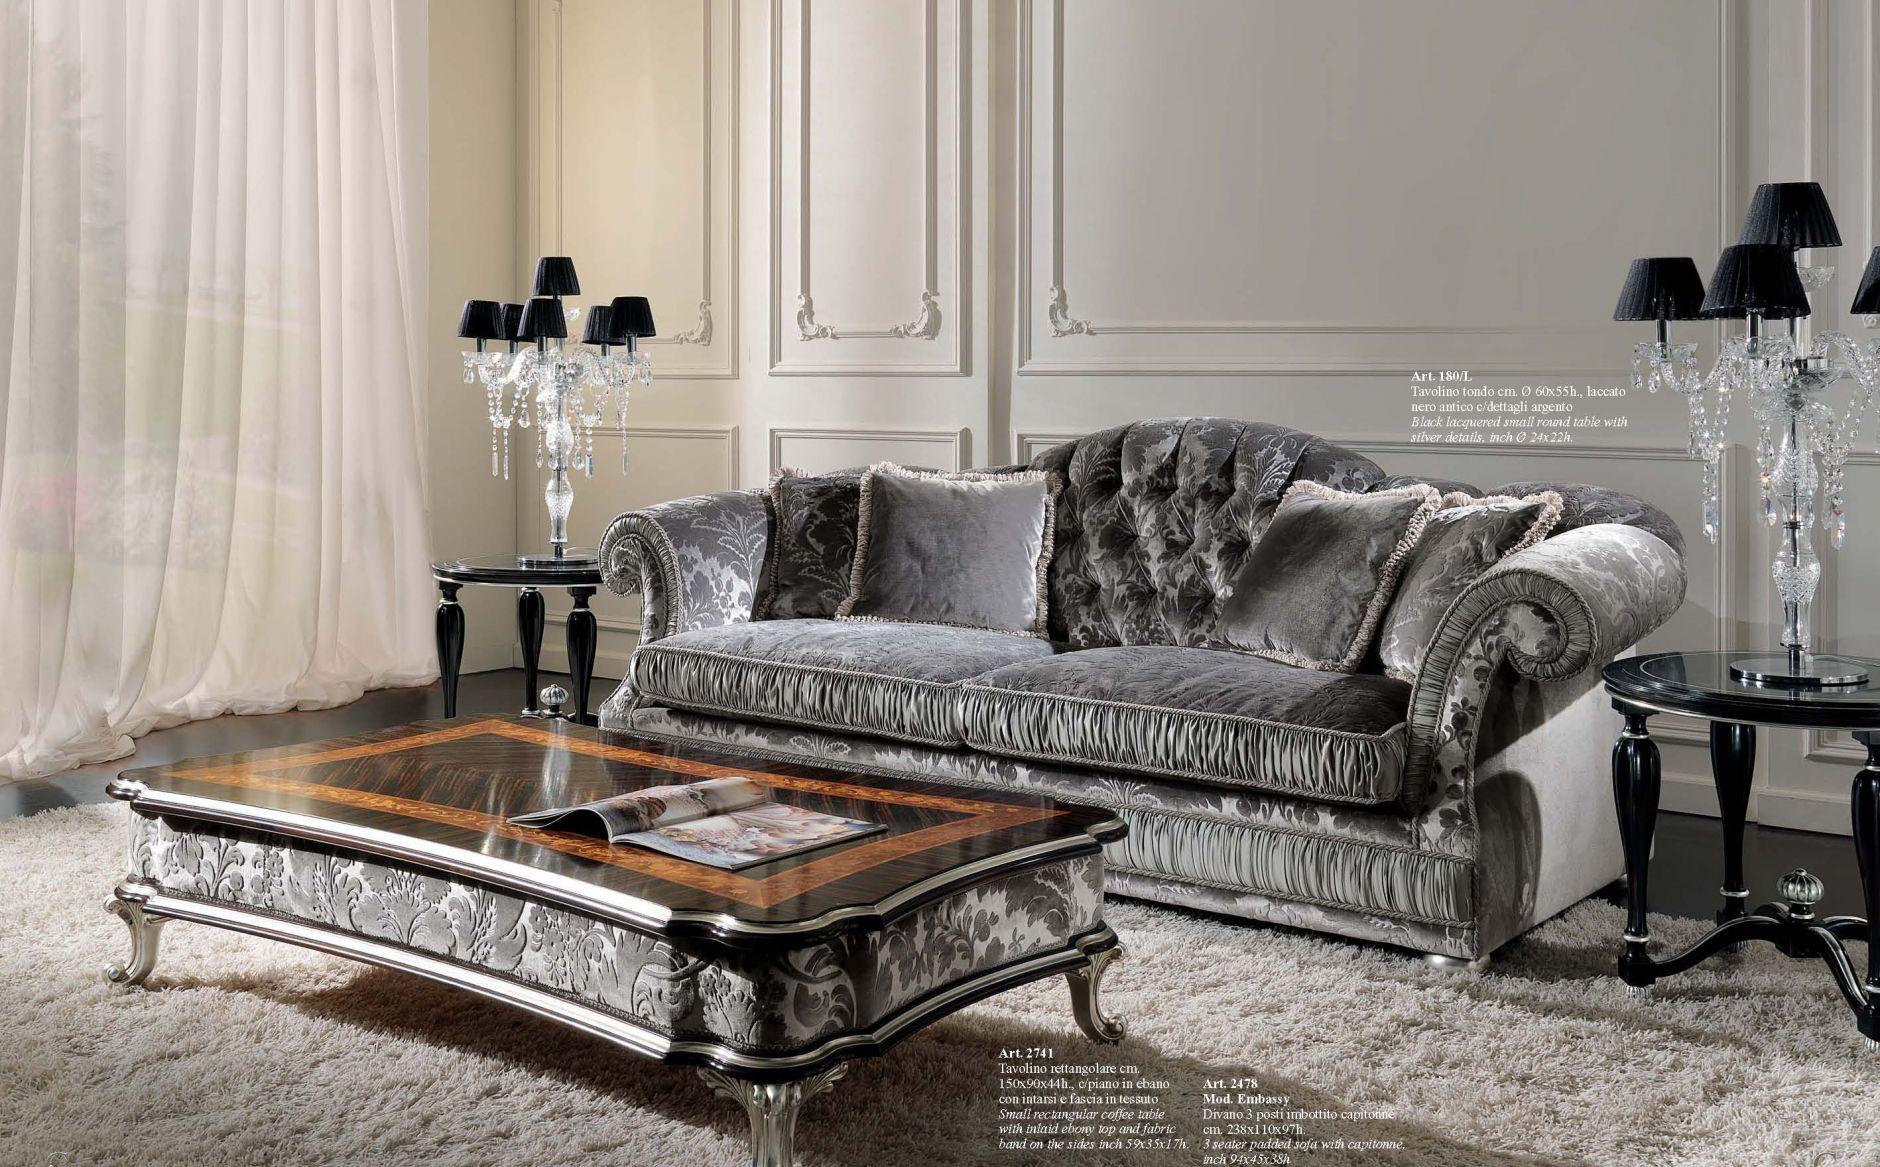 luxus m bel luxuri se sofas ceppi stildie m bel aus italien. Black Bedroom Furniture Sets. Home Design Ideas